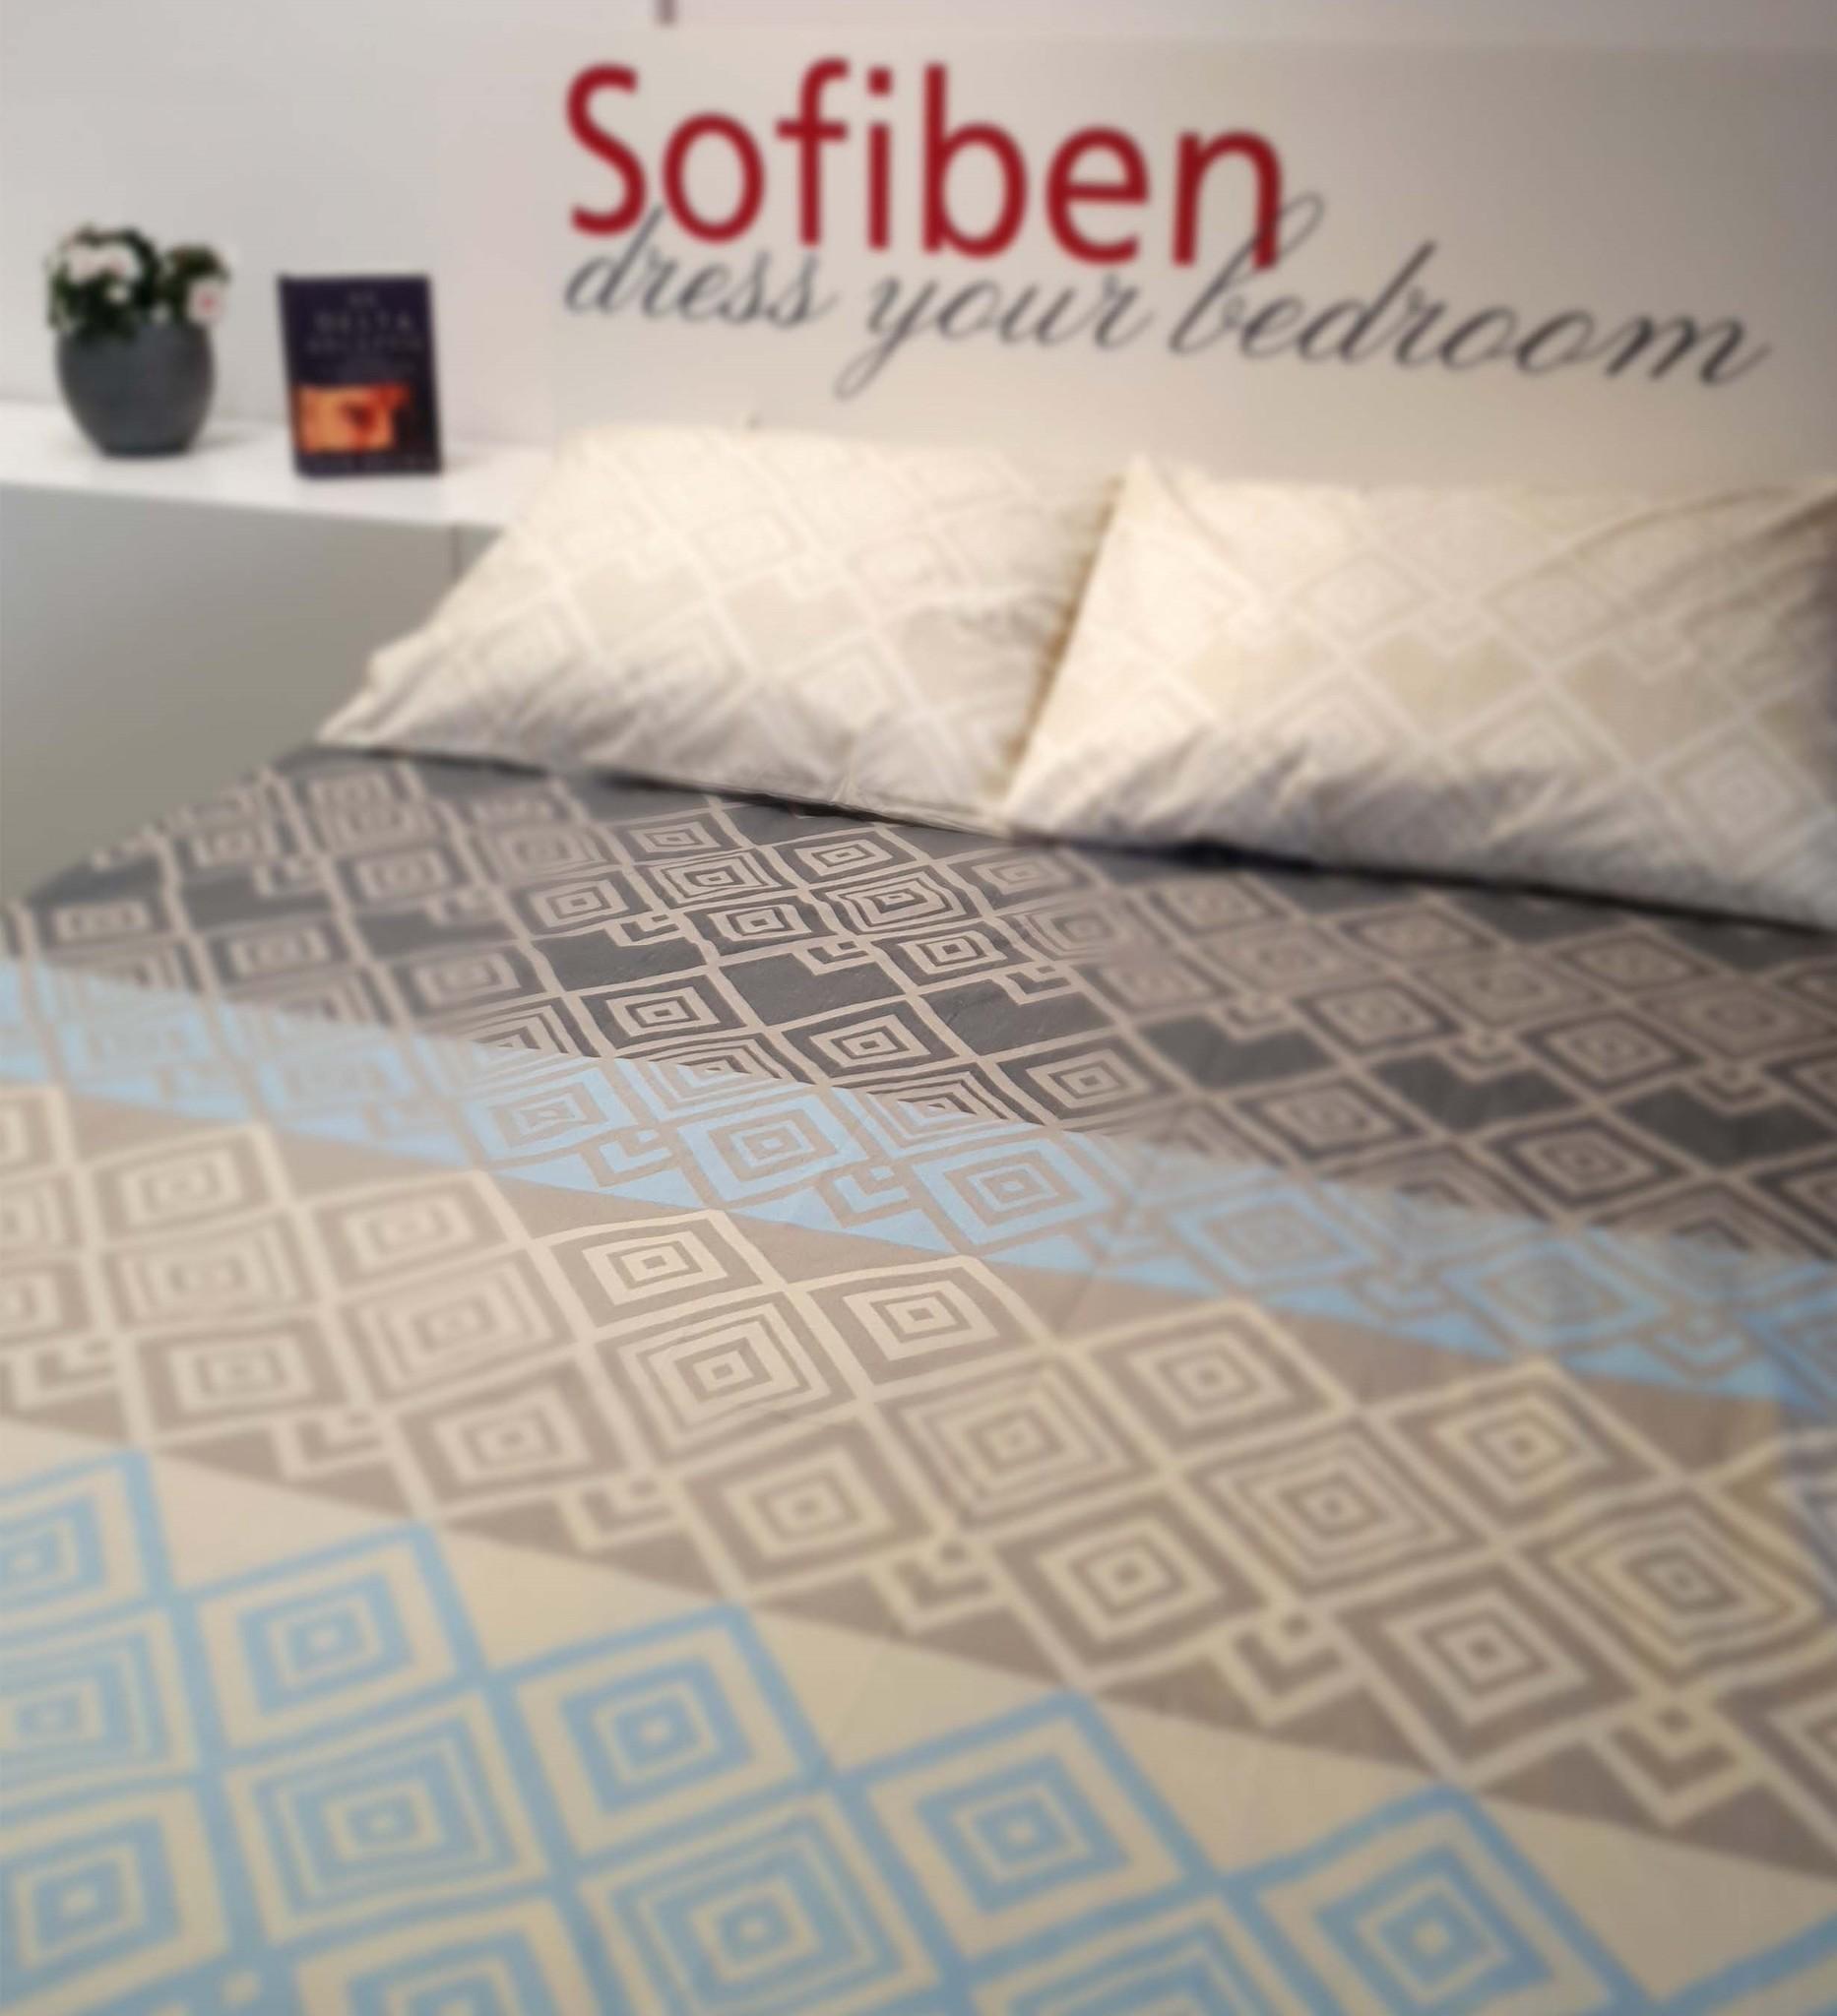 Sofiben Budgetline Sofiben dekbedovertrek met rits Maya, katoenmenging 70% katoen / 30% polyester,  200x200  met 2 kussenslopen